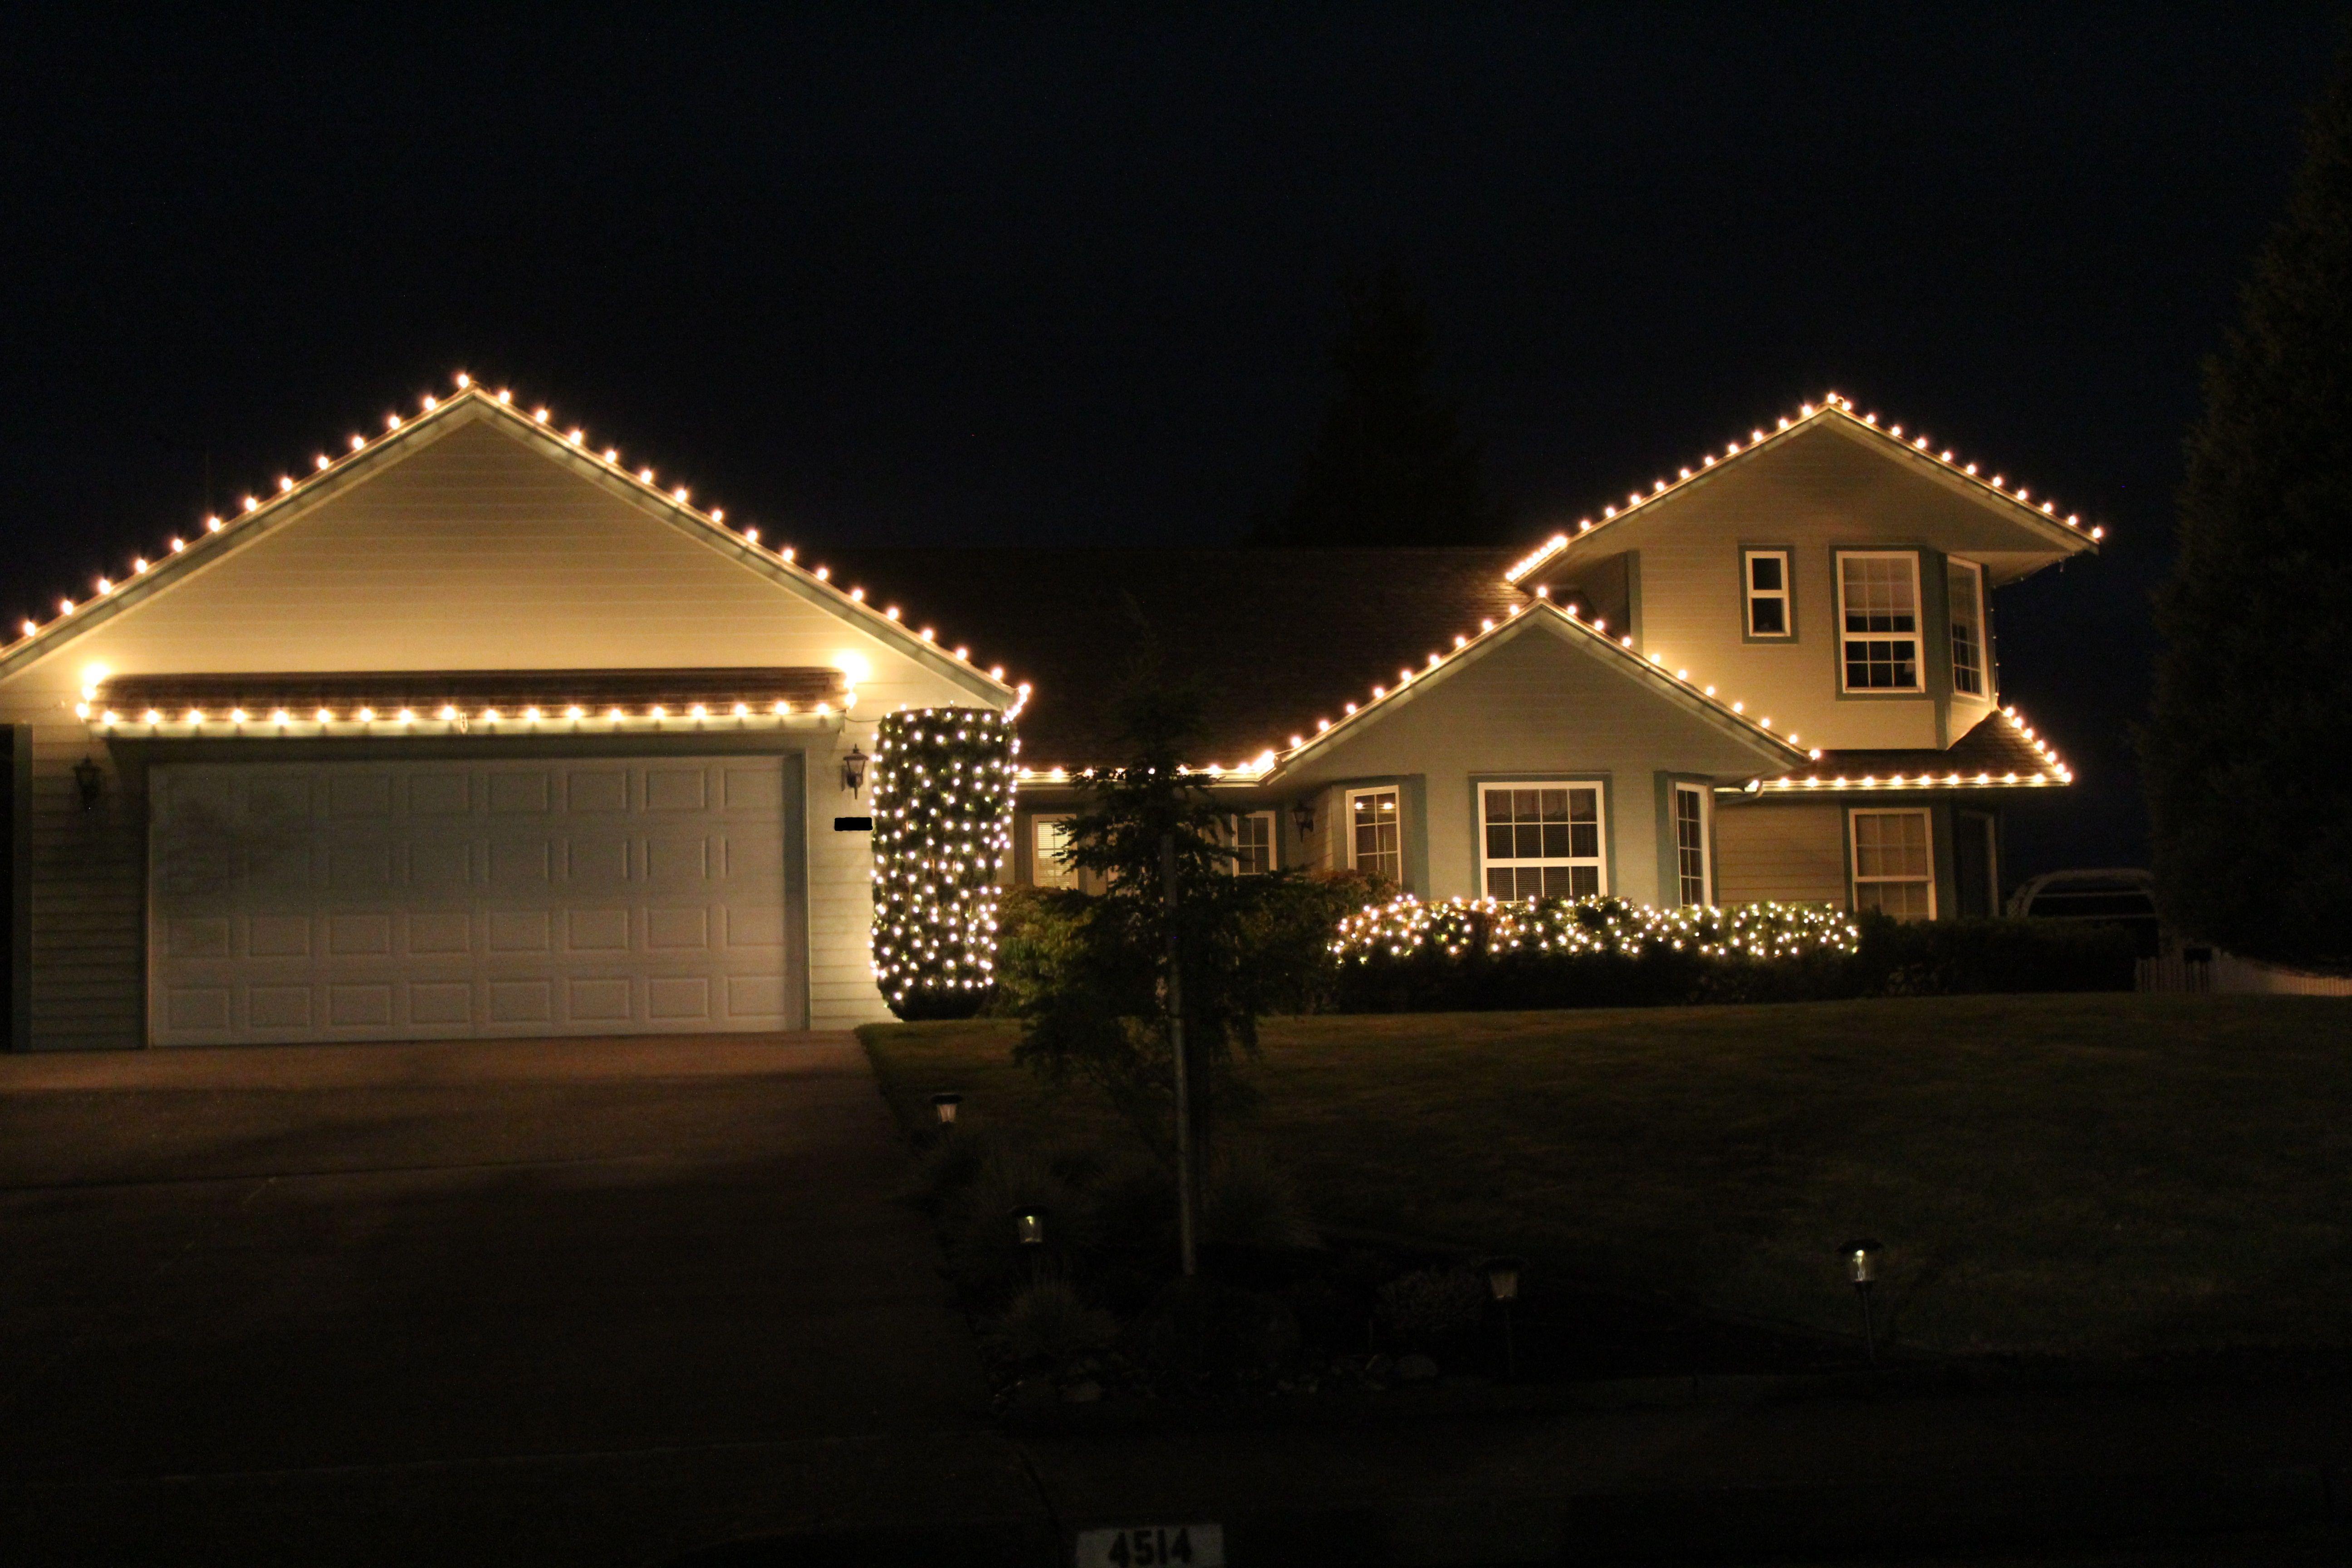 Beautiful Roofline Lighting Exterior Christmas Lights Outdoor Christmas Lights Decorating With Christmas Lights